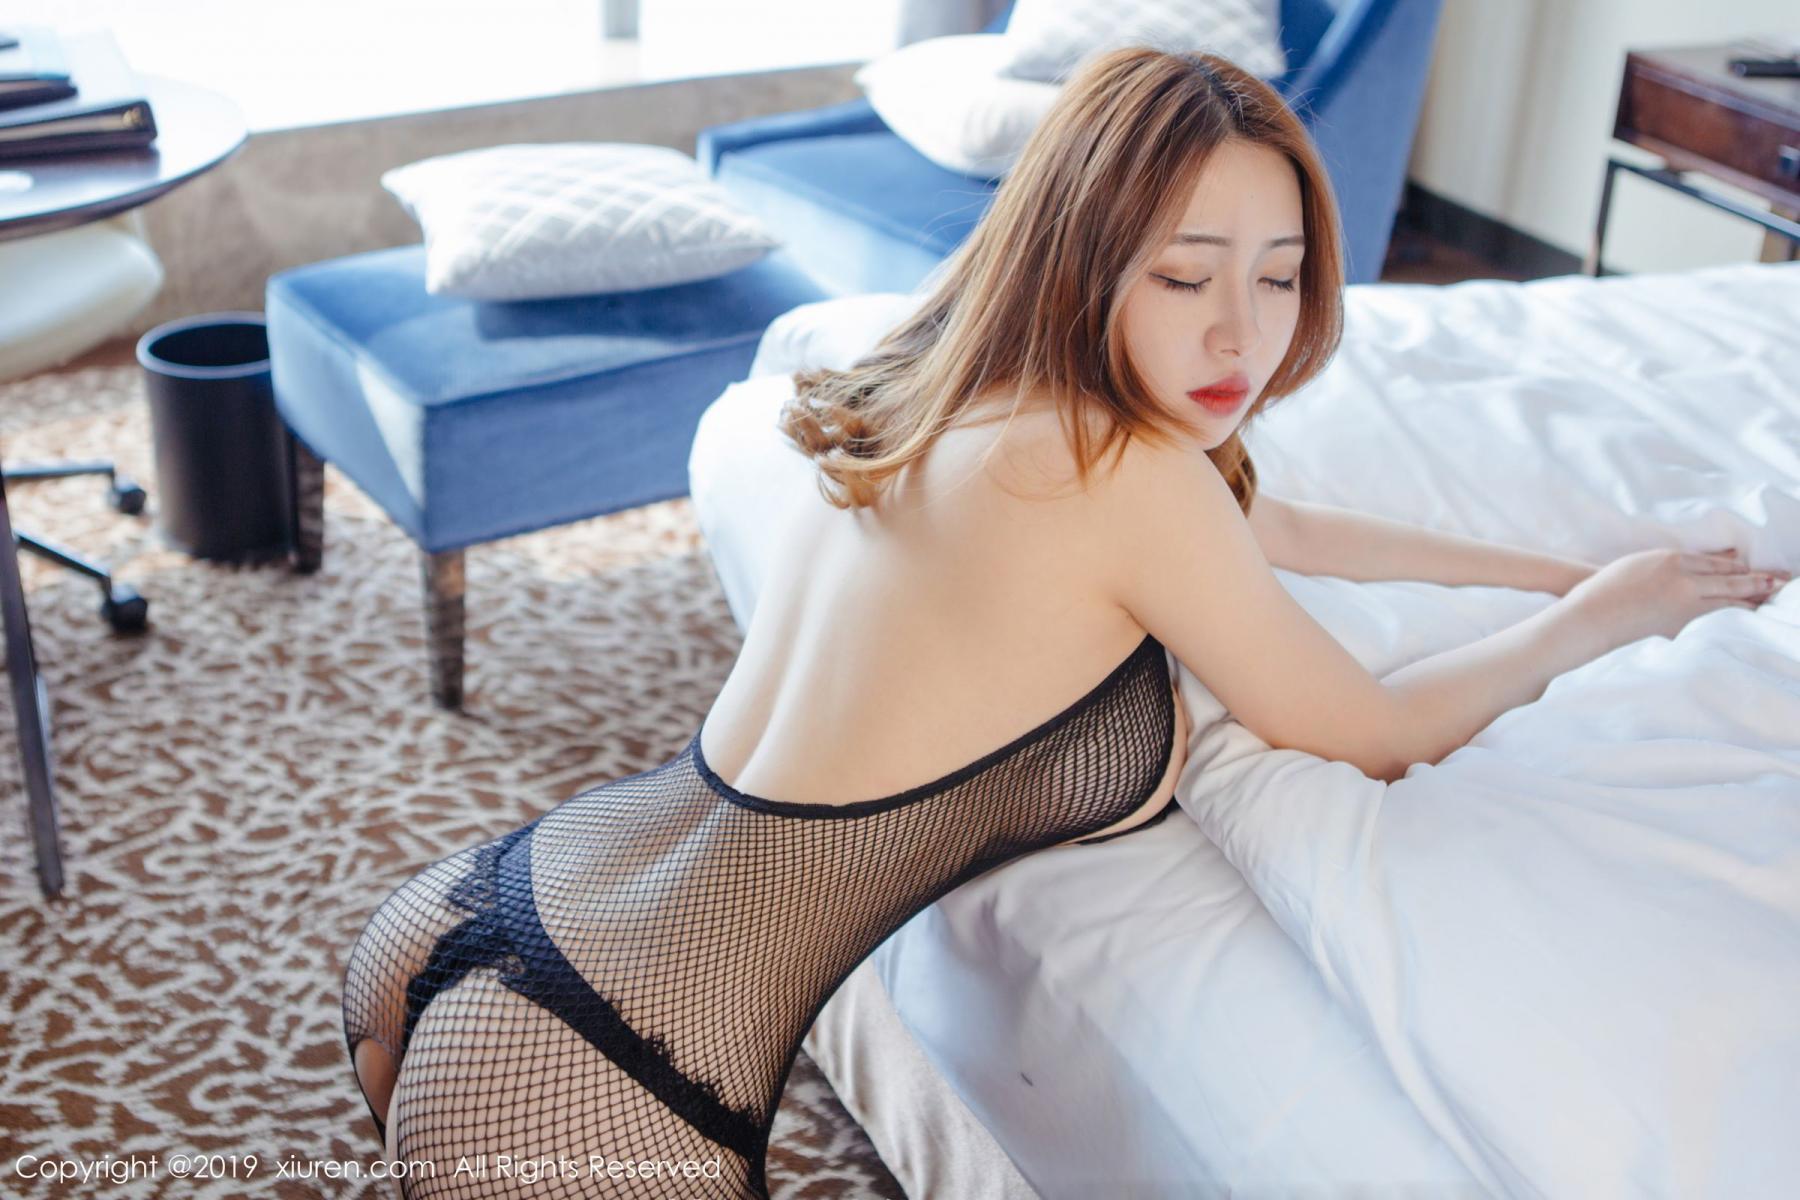 [XiuRen] Vol.1481 Yao A Yao De Yao 47P, Adult, Xiuren, Yao A Yao De Yao